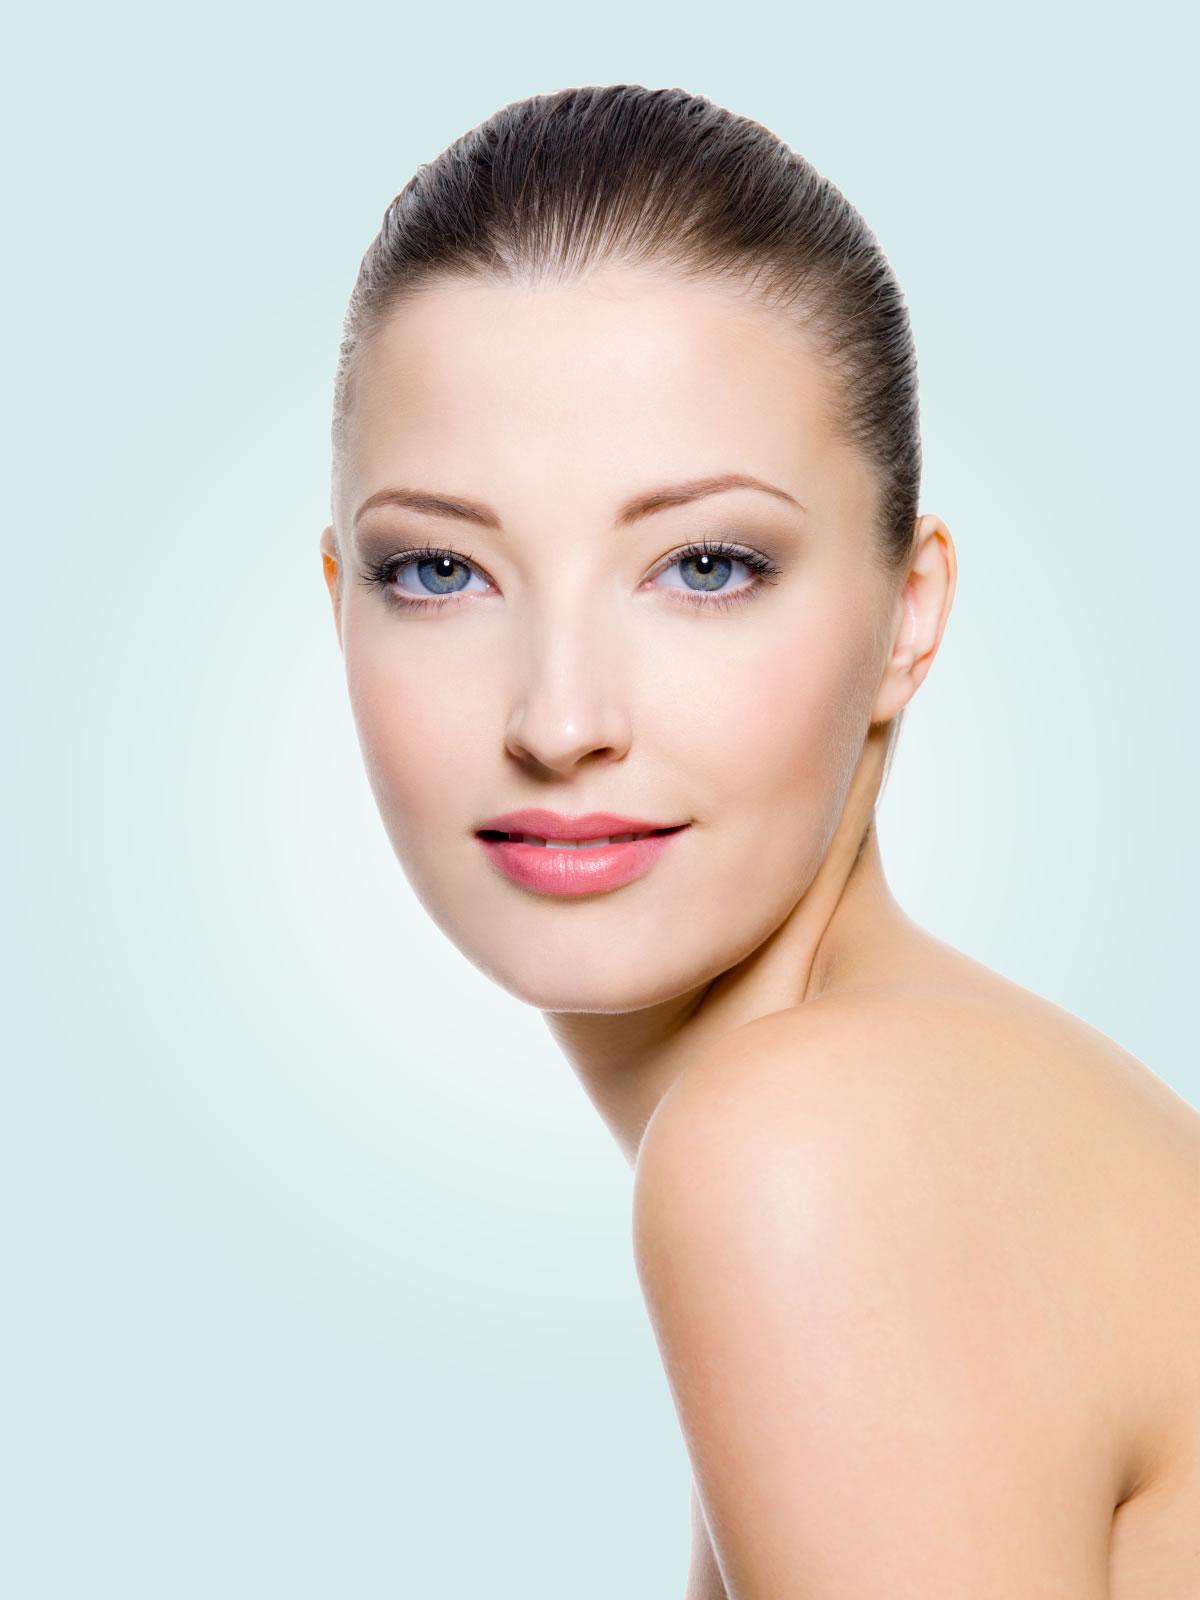 Spa Facial Extraction 5